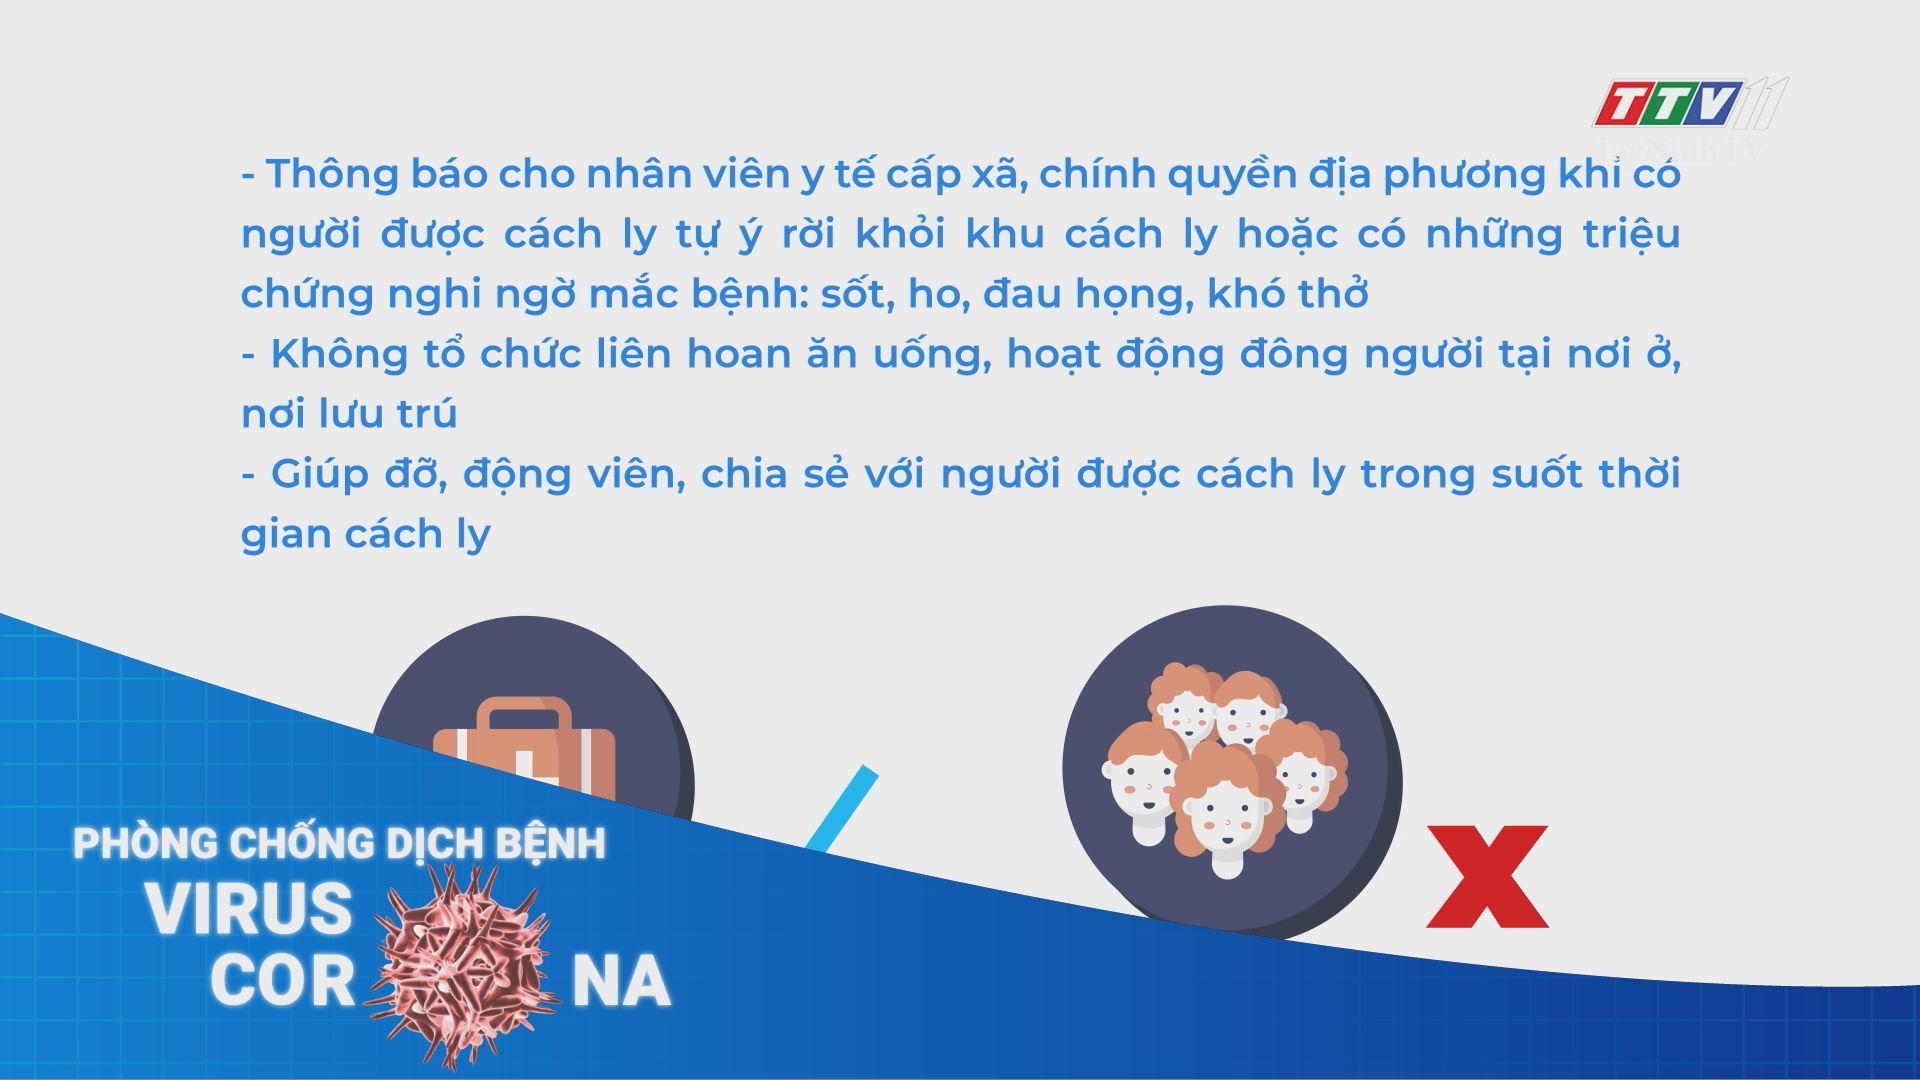 Những lưu ý khi thực hiện cách ly tại nhà nơi lưu trú | THÔNG TIN DỊCH CÚM COVID-19 | TayNinhTV